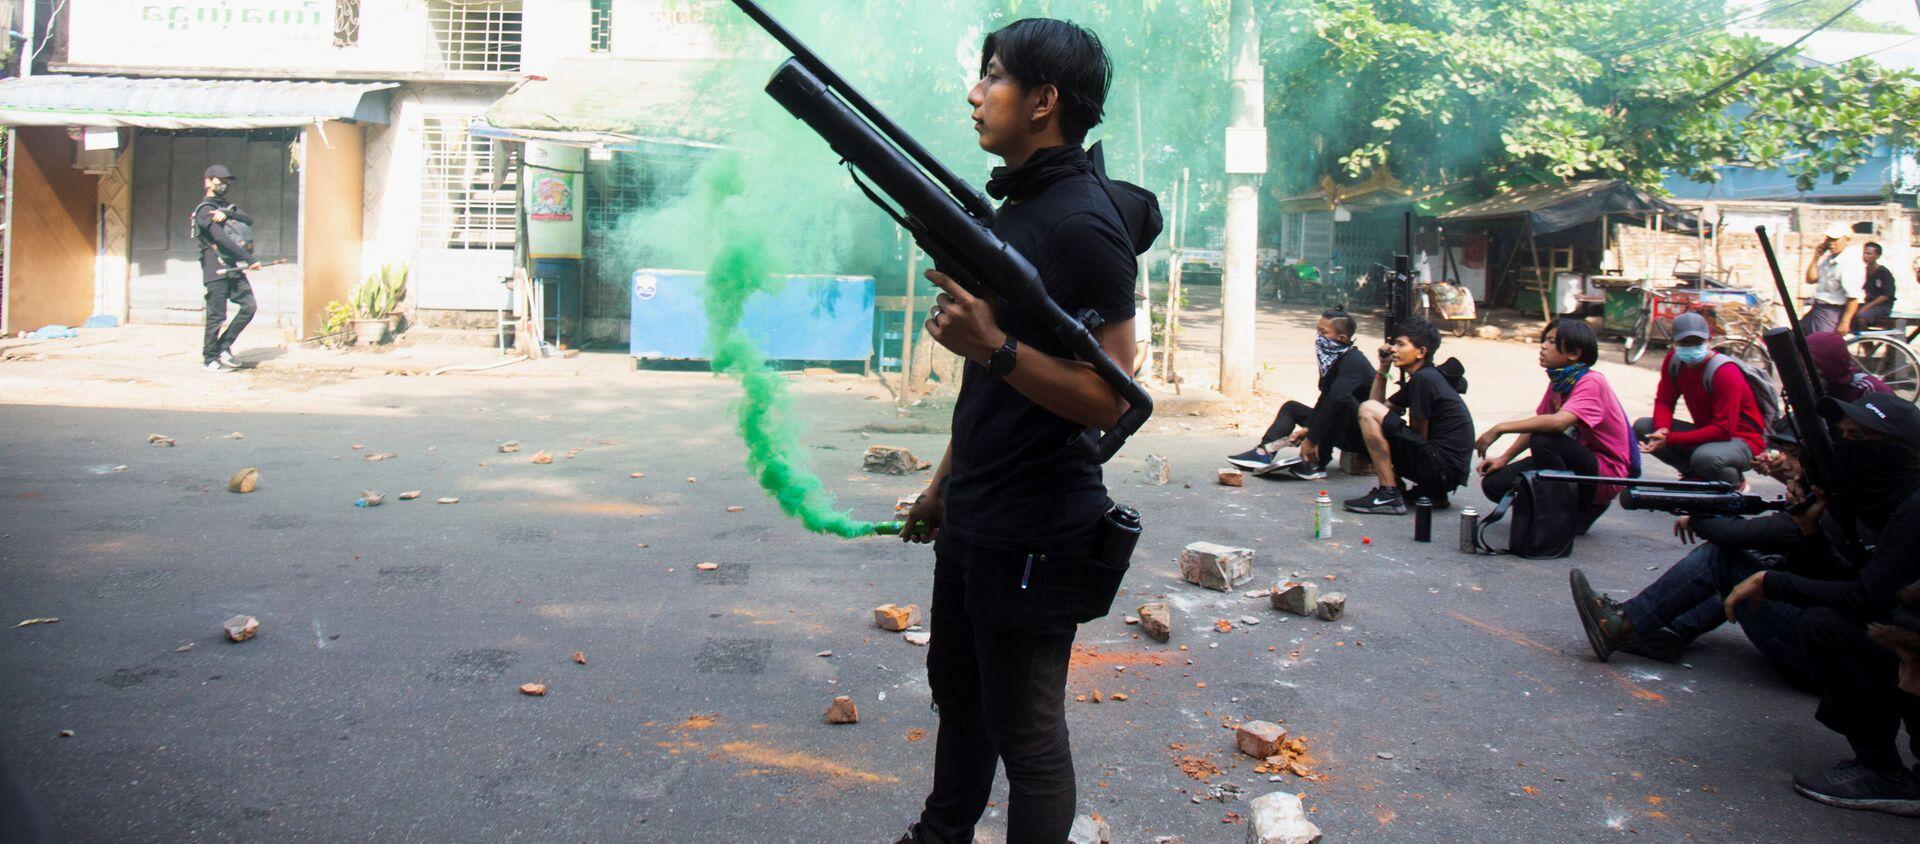 Người biểu tình với vũ khí trong cuộc biểu tình chống lại một cuộc đảo chính quân sự ở Yangon, Myanmar - Sputnik Việt Nam, 1920, 28.06.2021